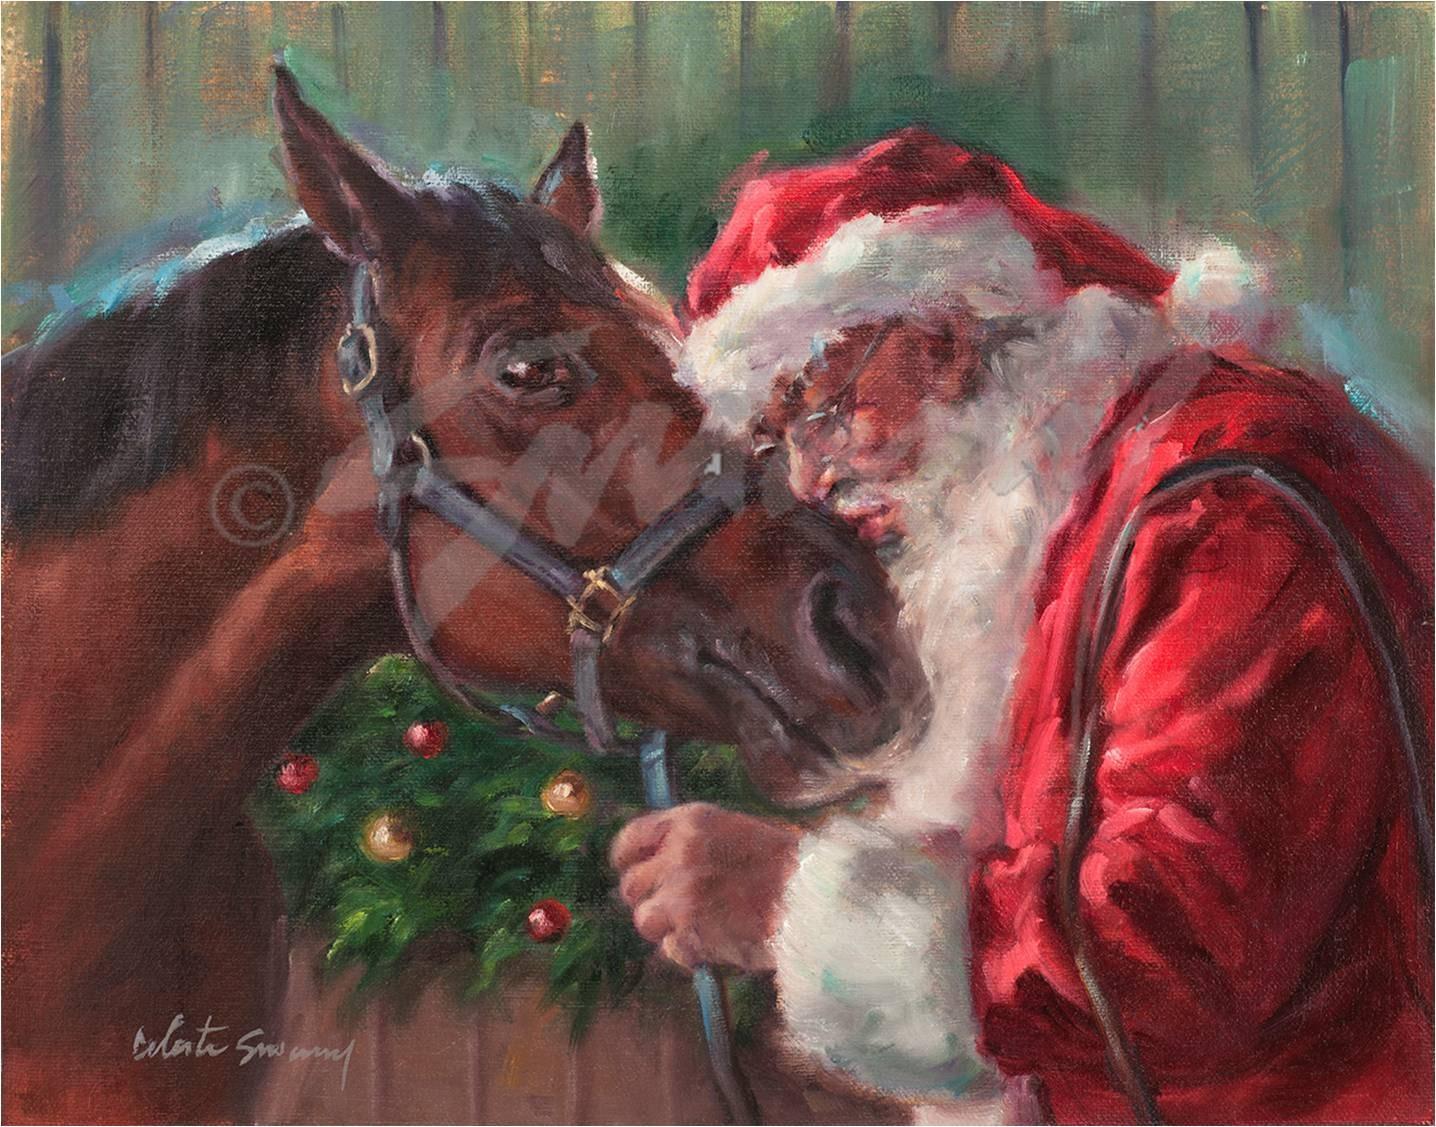 Christmas Card Of Santa Kissing His Horse Santa